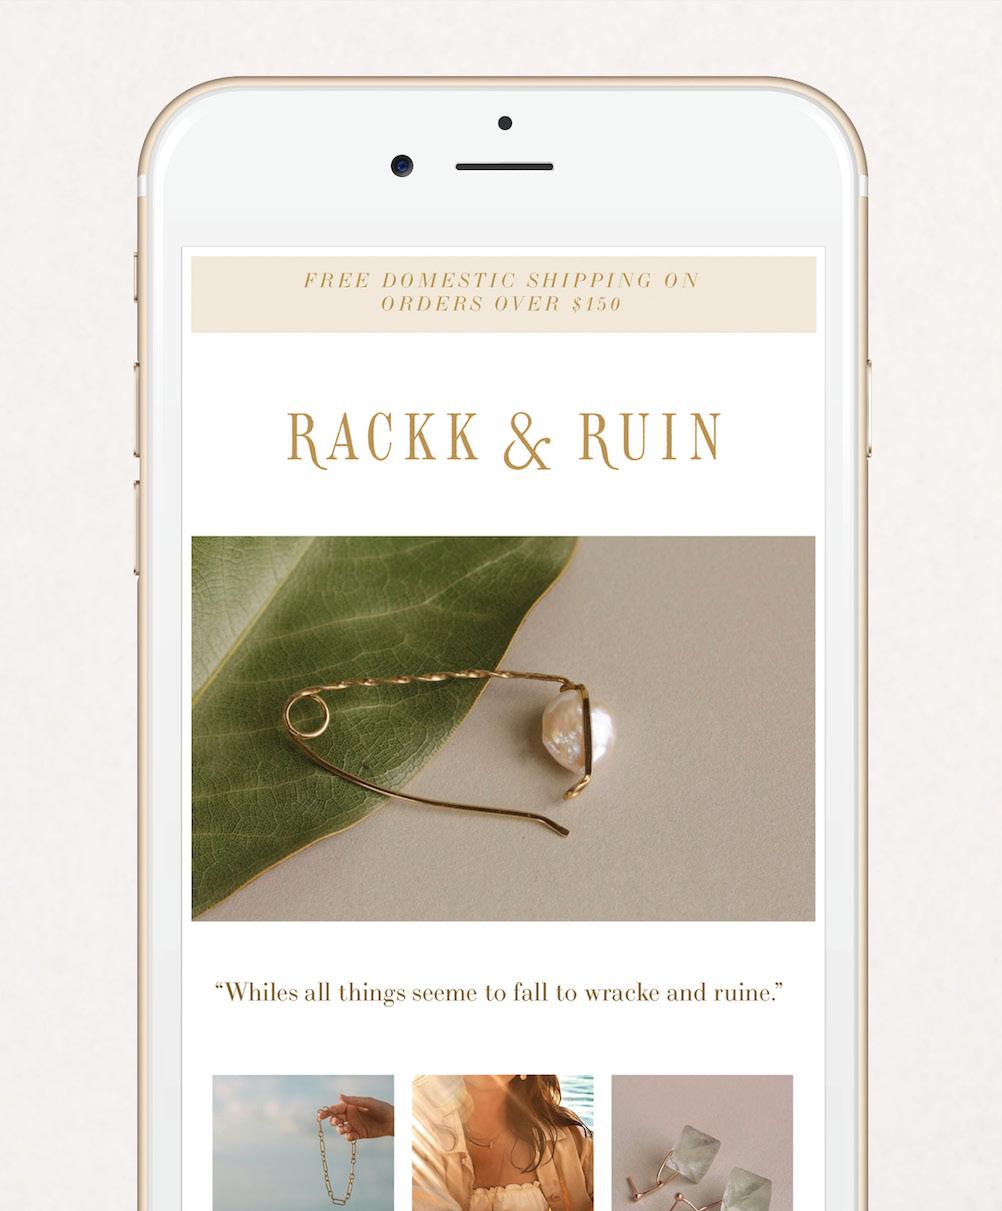 Rackk & Ruin Branding